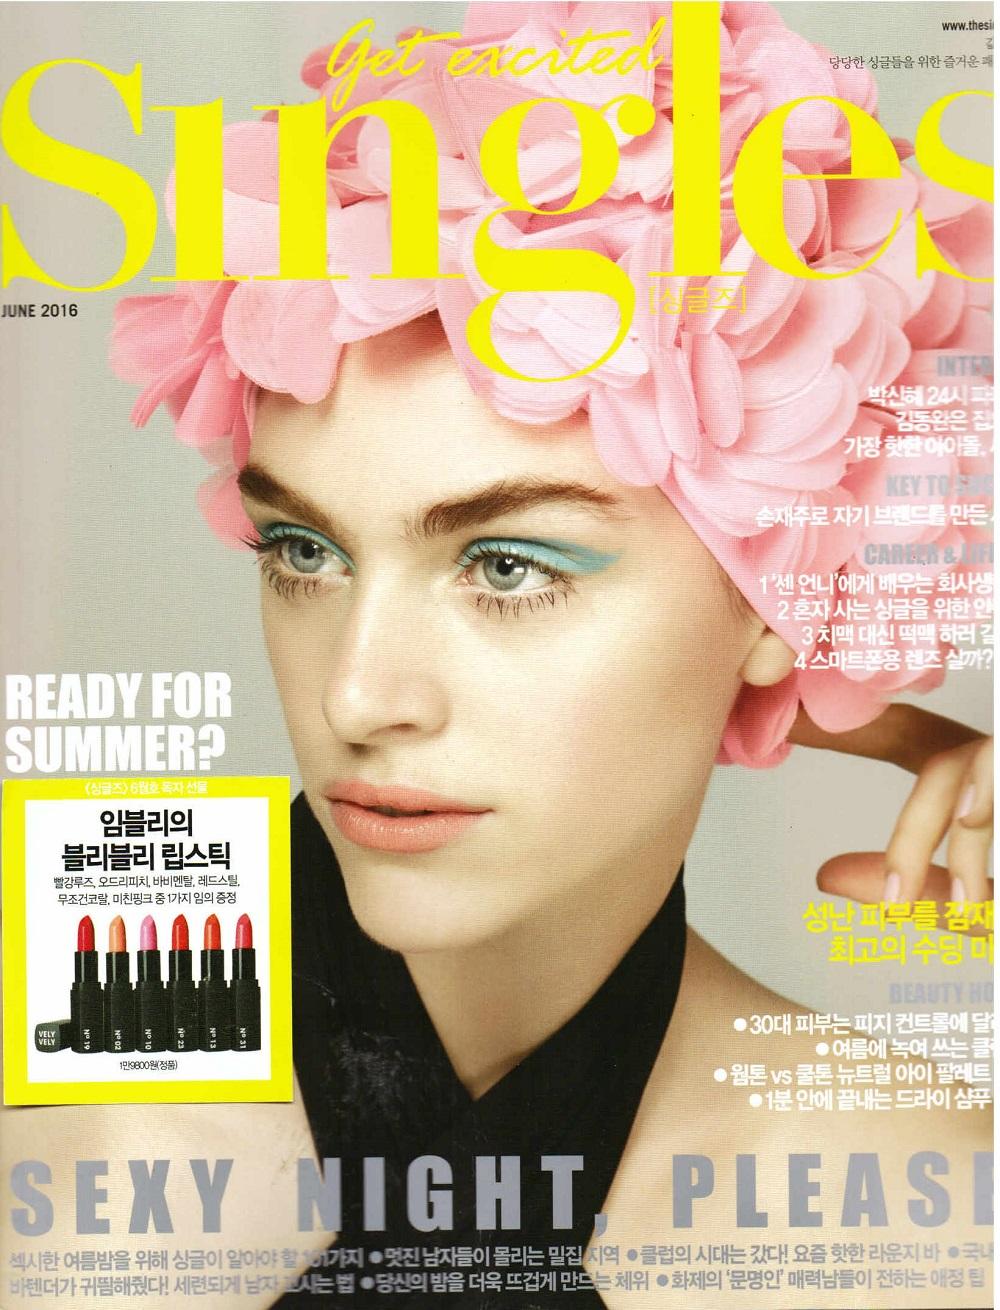 Singles Jun 16